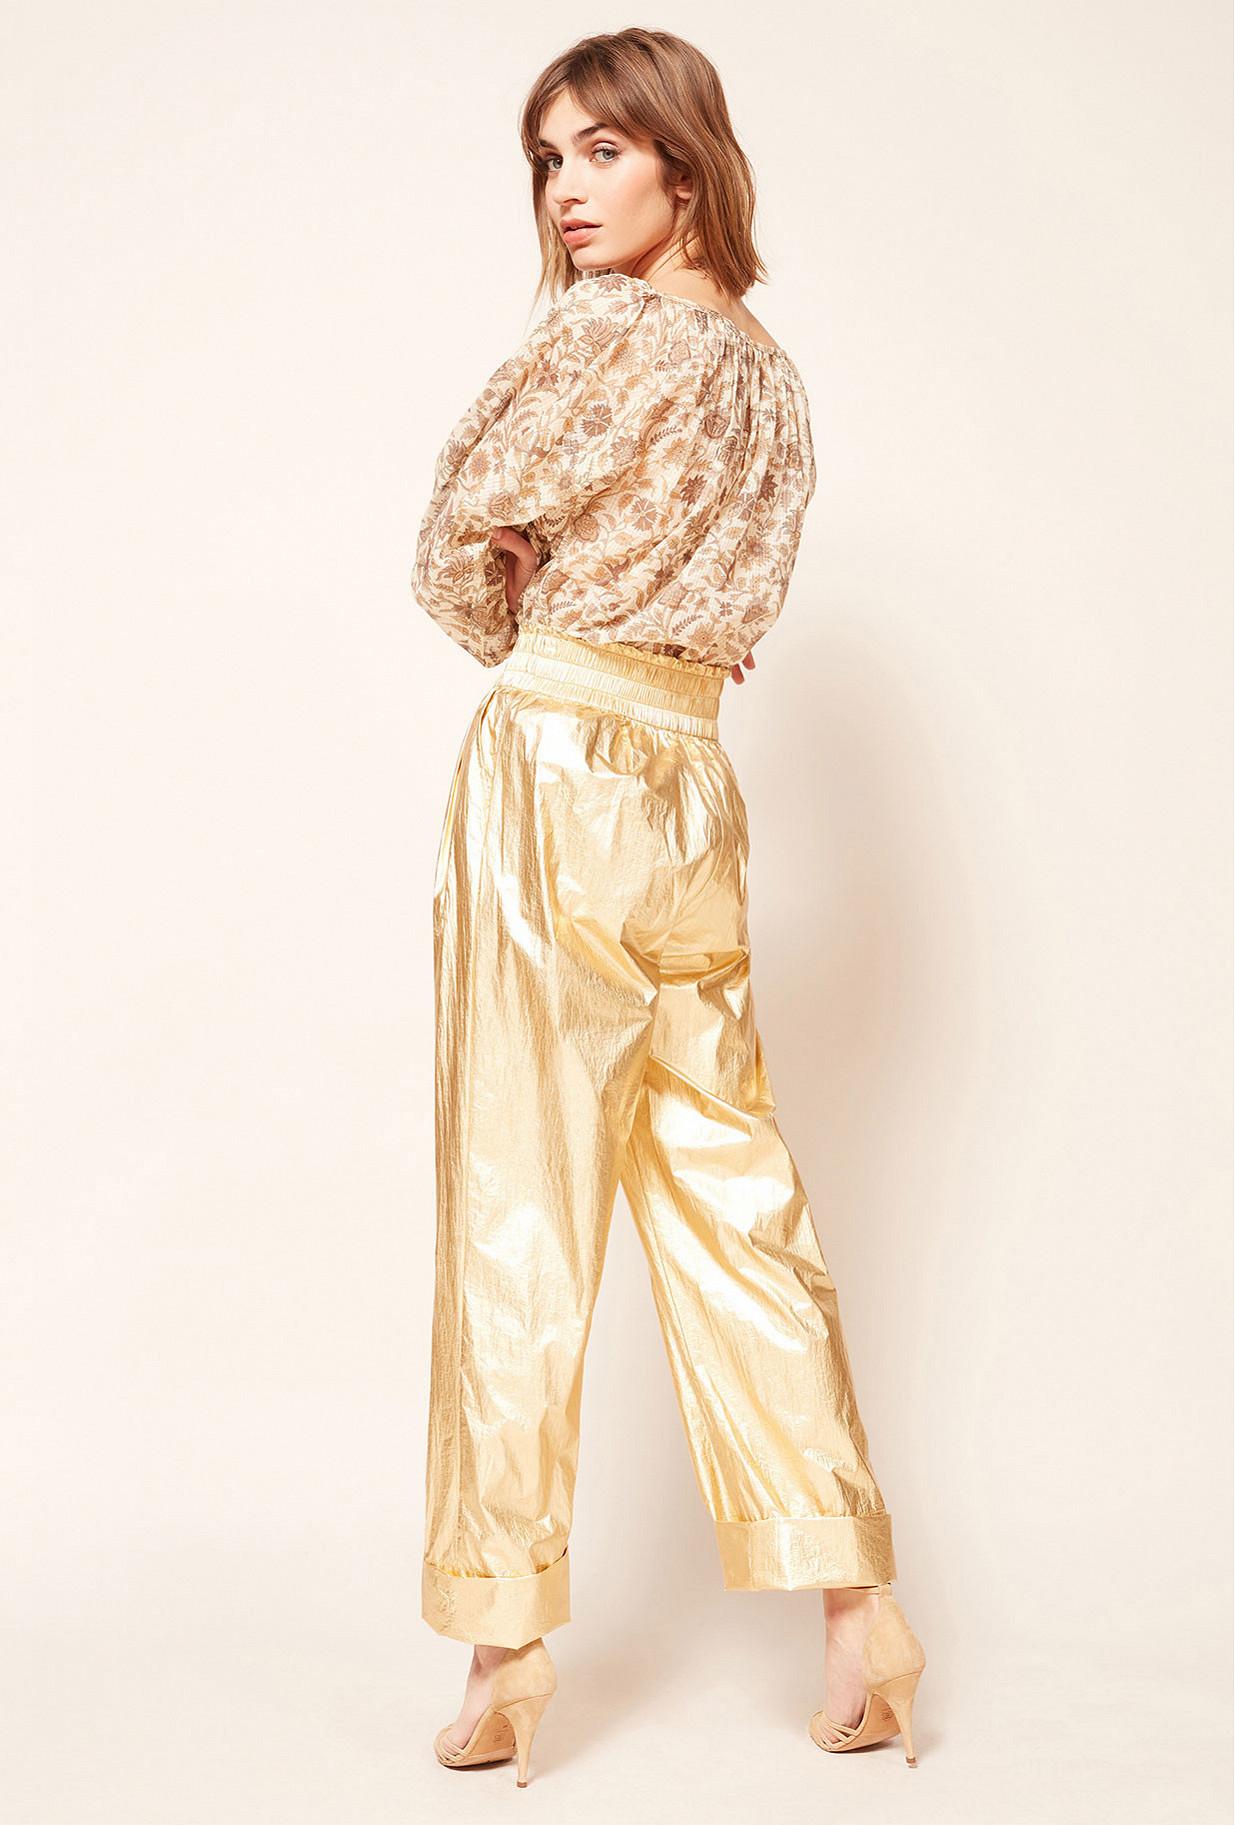 Paris clothes store pant  Ovide french designer fashion Paris